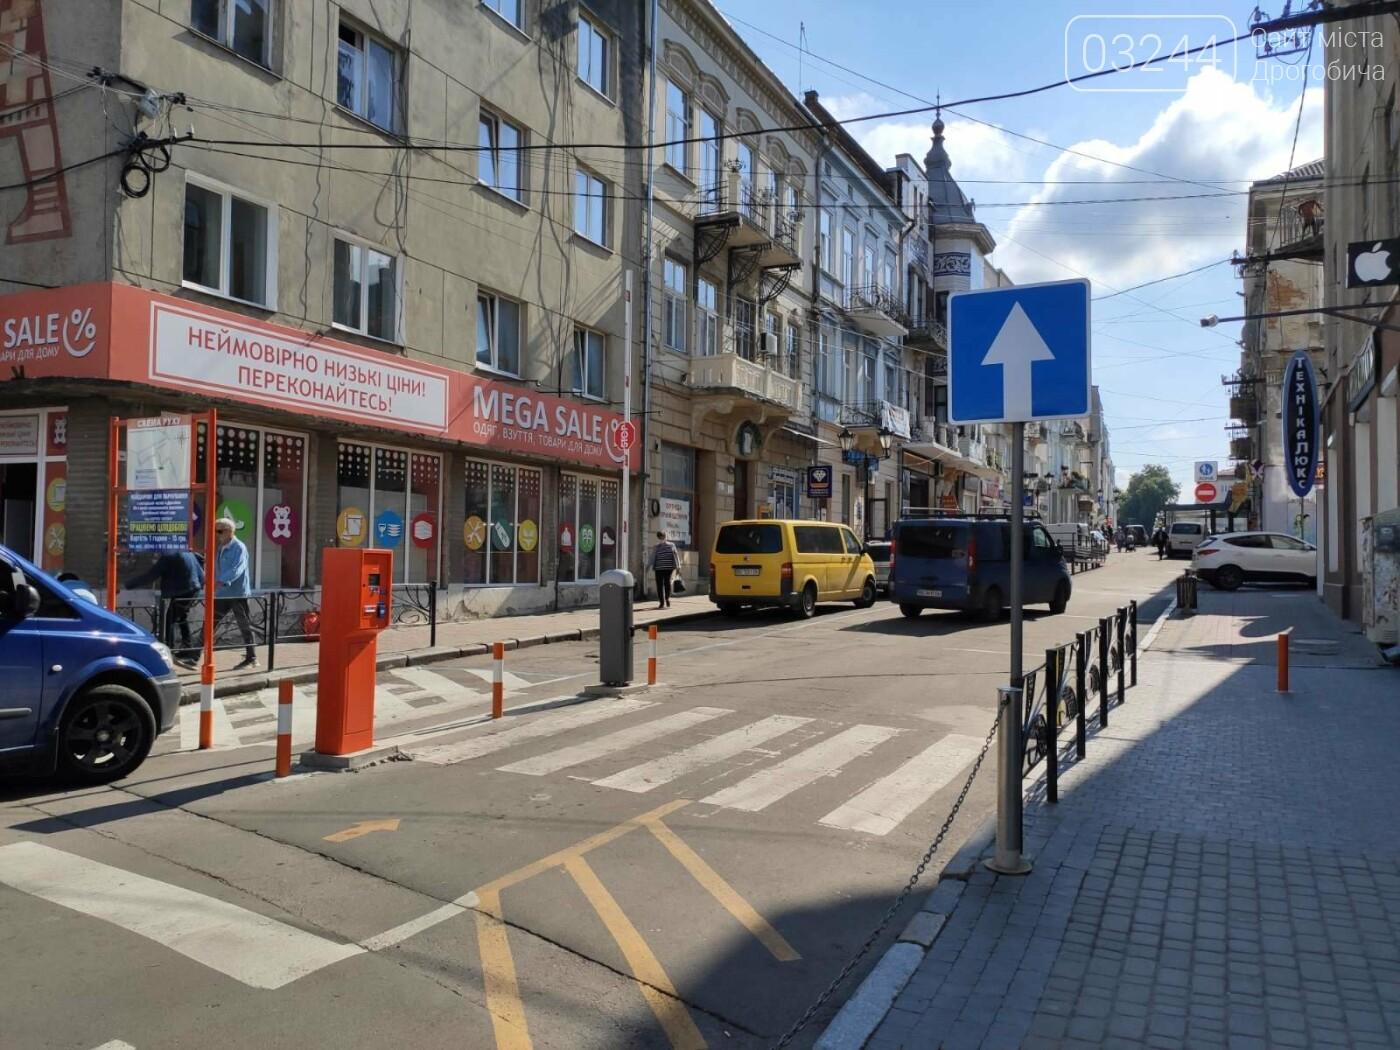 Фото дня. У Дрогобичі, на вулиці Мазепи, знову не працює шлагбаум паркувальної системи, фото-1